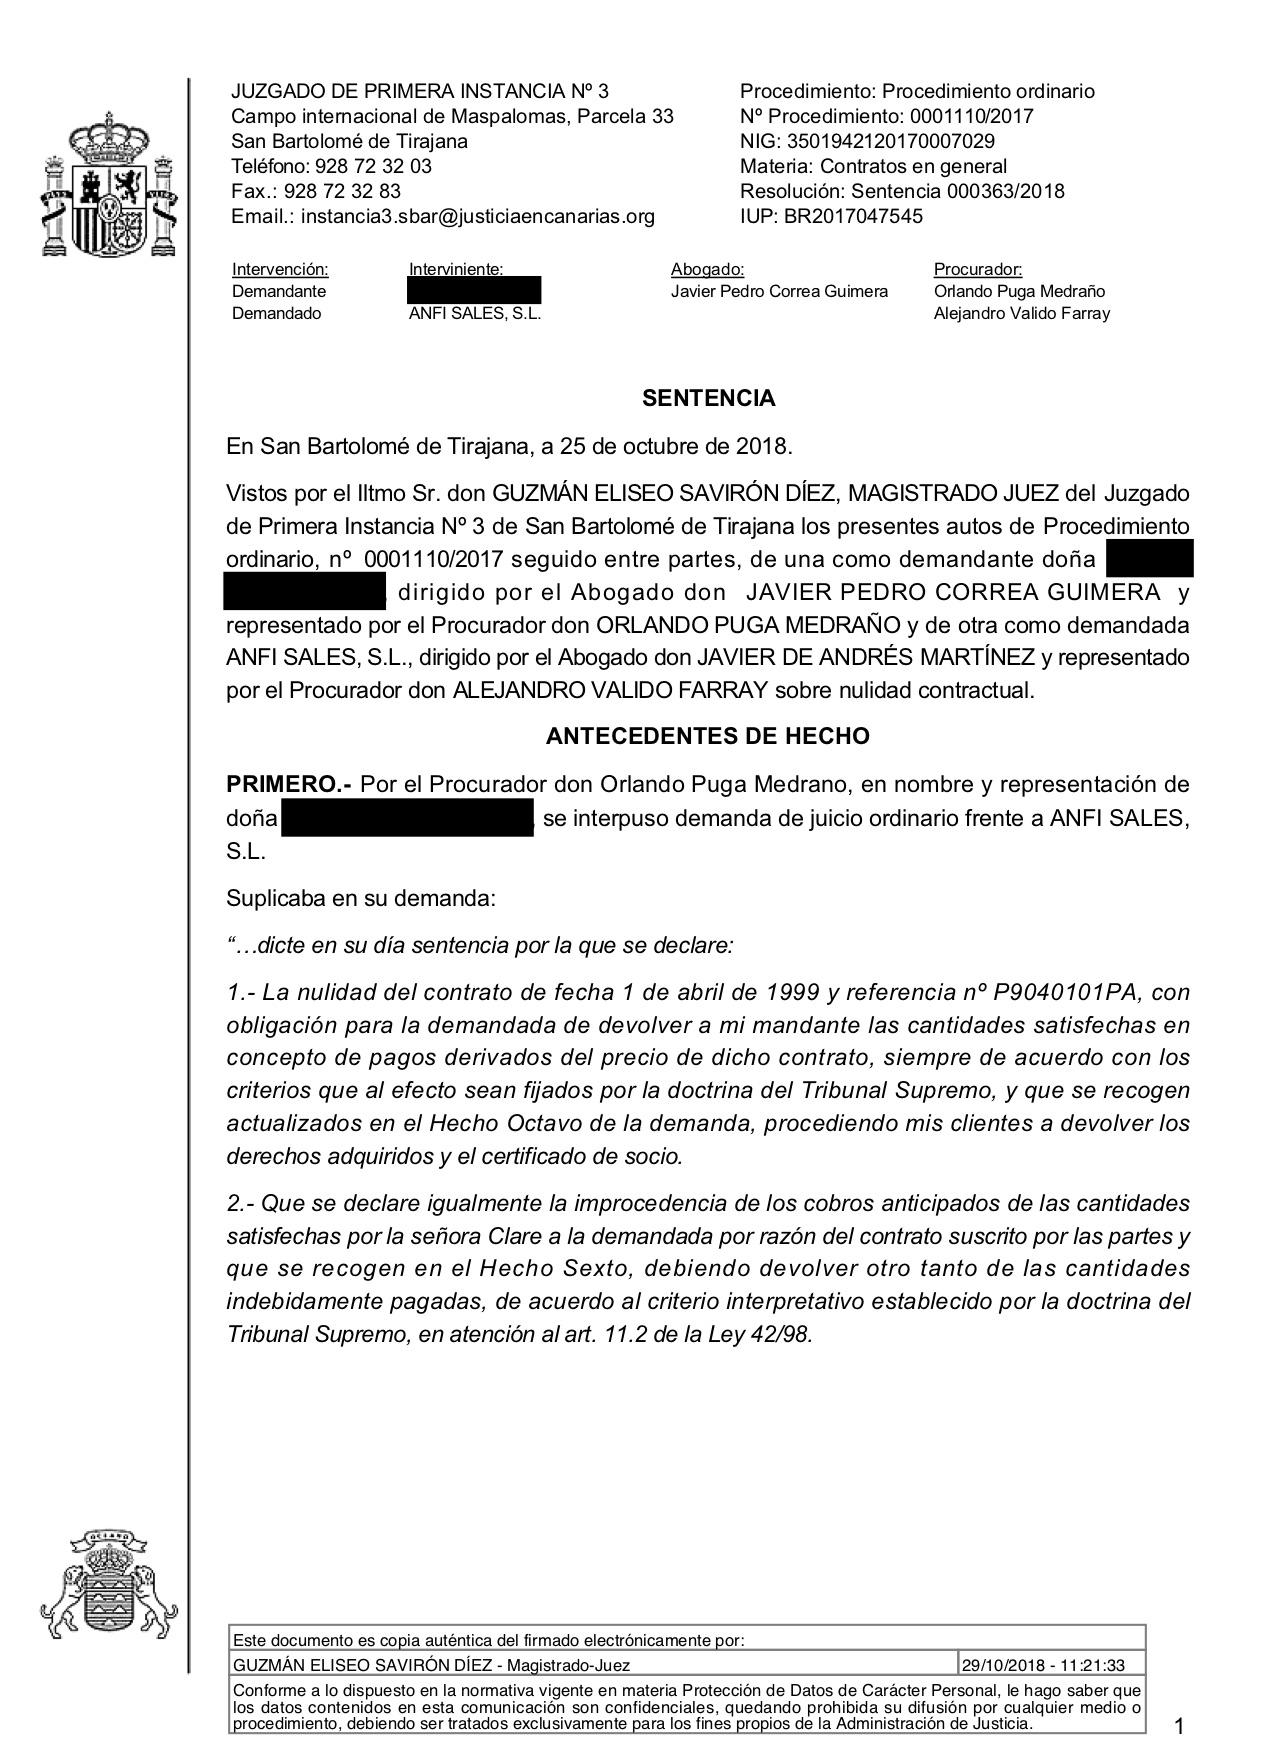 18-10-30 CLARE. Sentencia Primera Instancia. SBT3. Anfi. Estimatoria total con anticipos y costas. 1 página.jpg